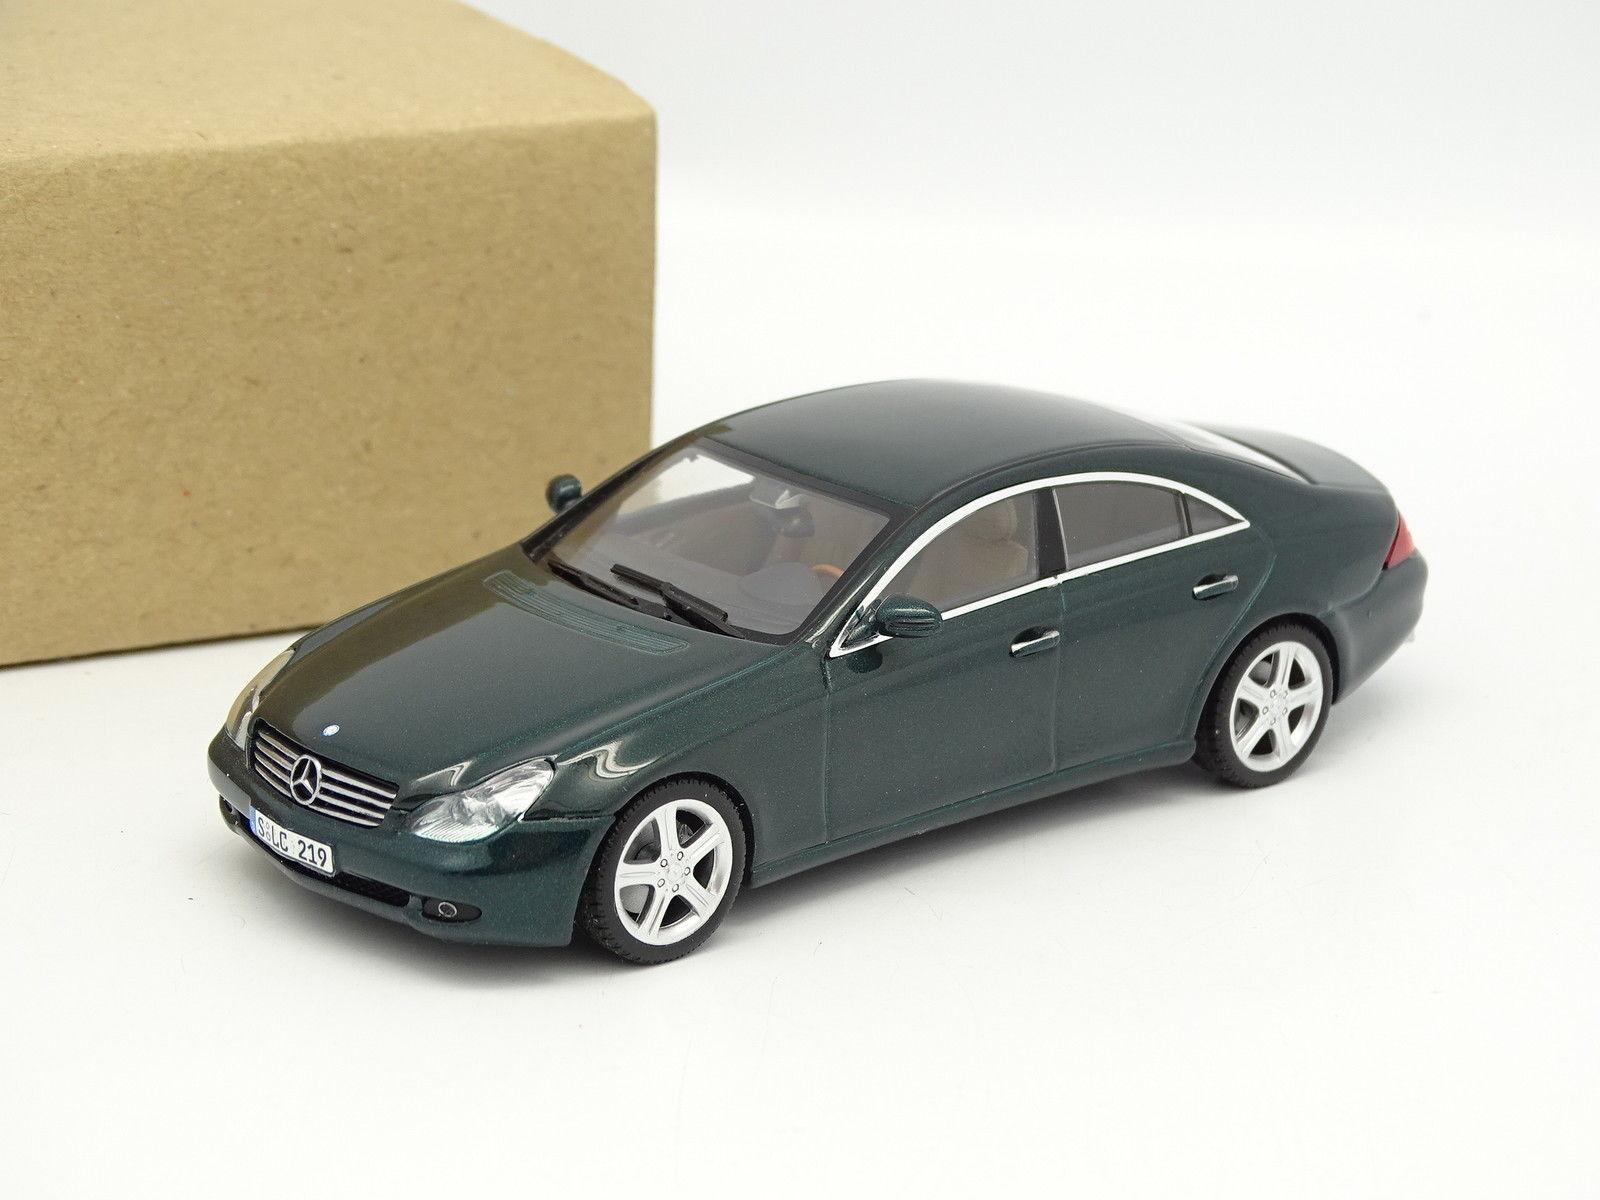 Minichamps SB 1 43 - Mercedes CLS Green